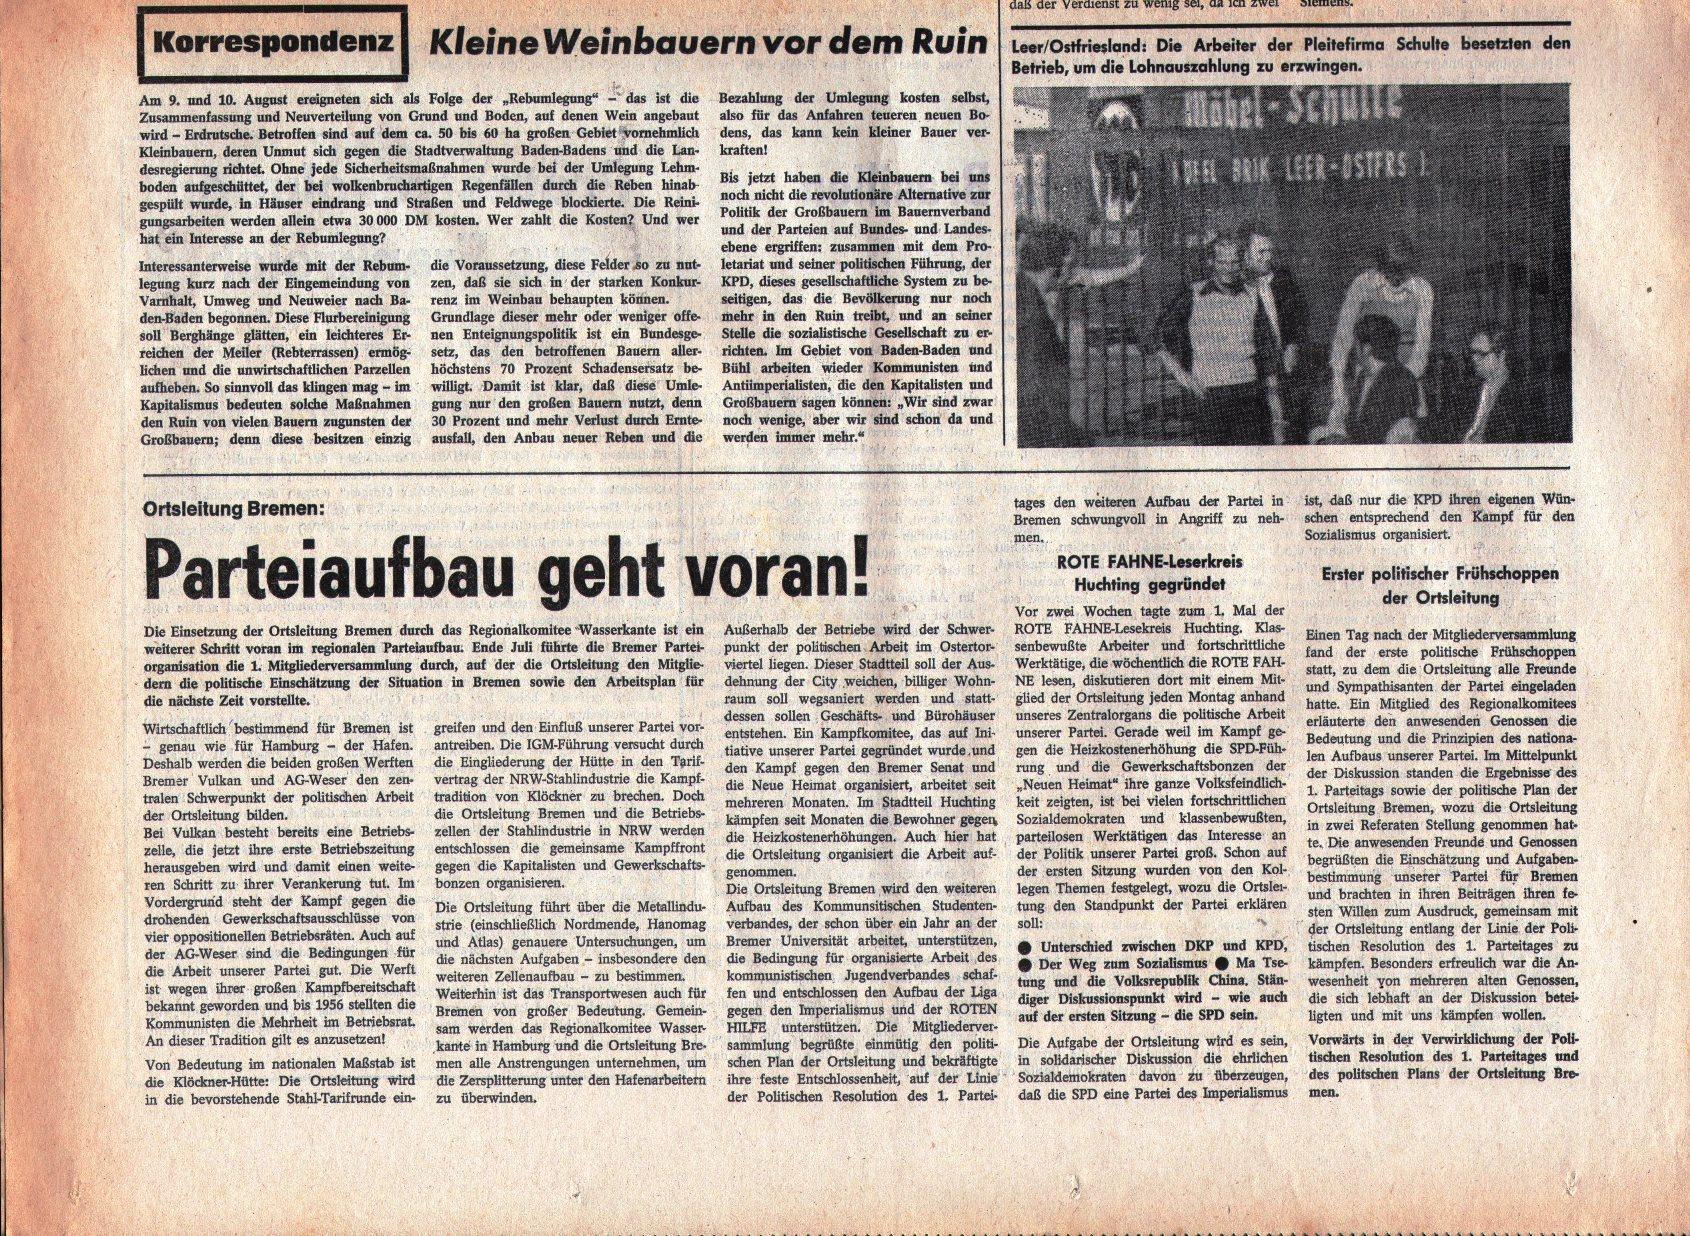 KPD_Rote_Fahne_1974_34_08